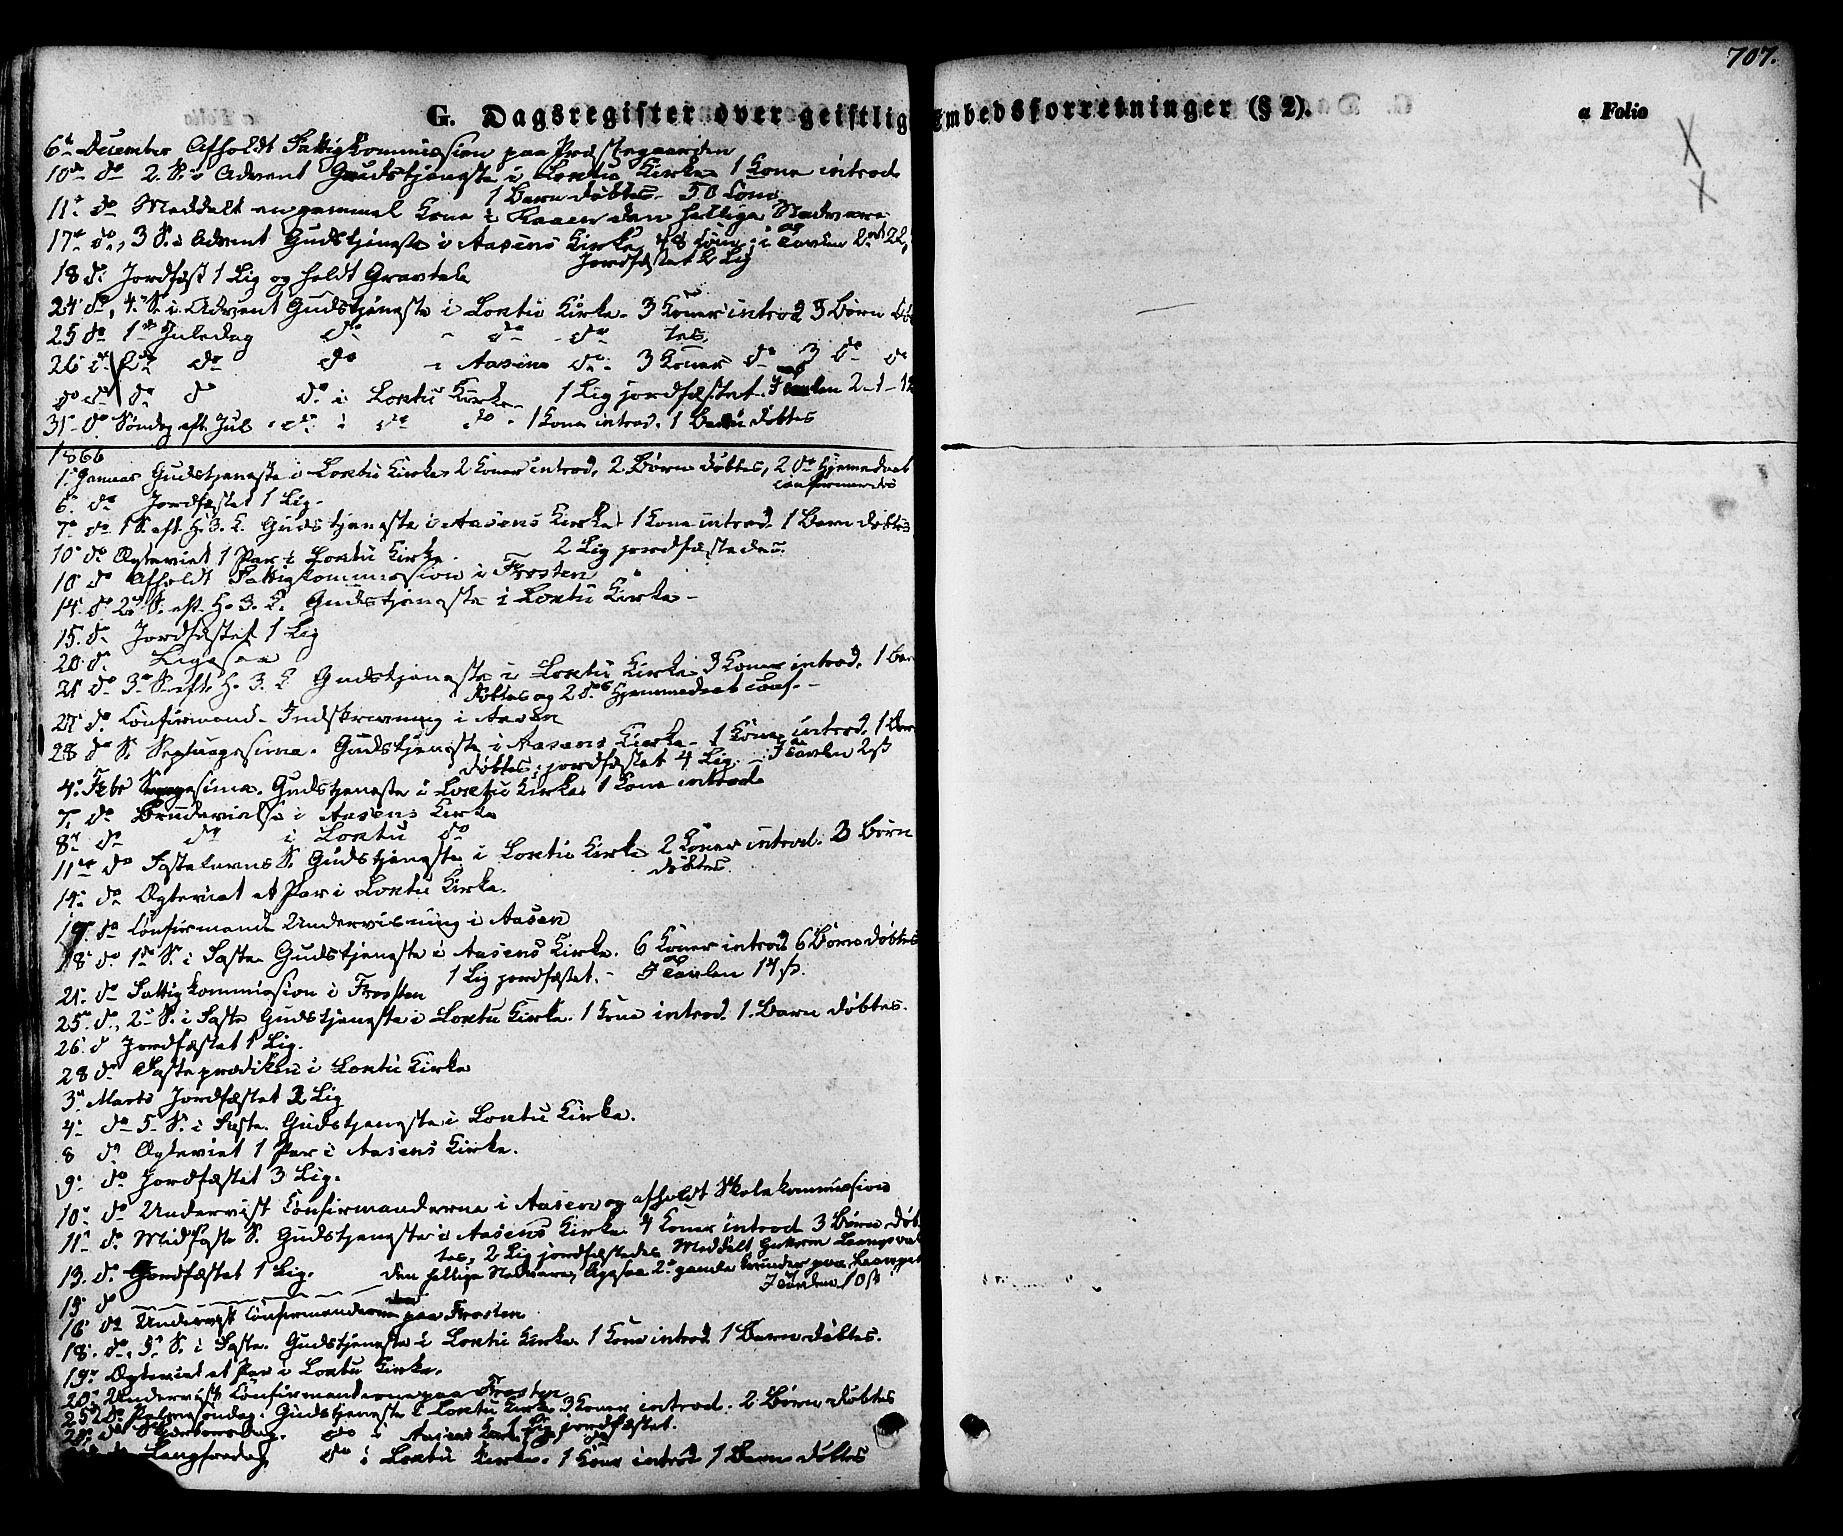 SAT, Ministerialprotokoller, klokkerbøker og fødselsregistre - Nord-Trøndelag, 713/L0116: Ministerialbok nr. 713A07 /1, 1850-1877, s. 707